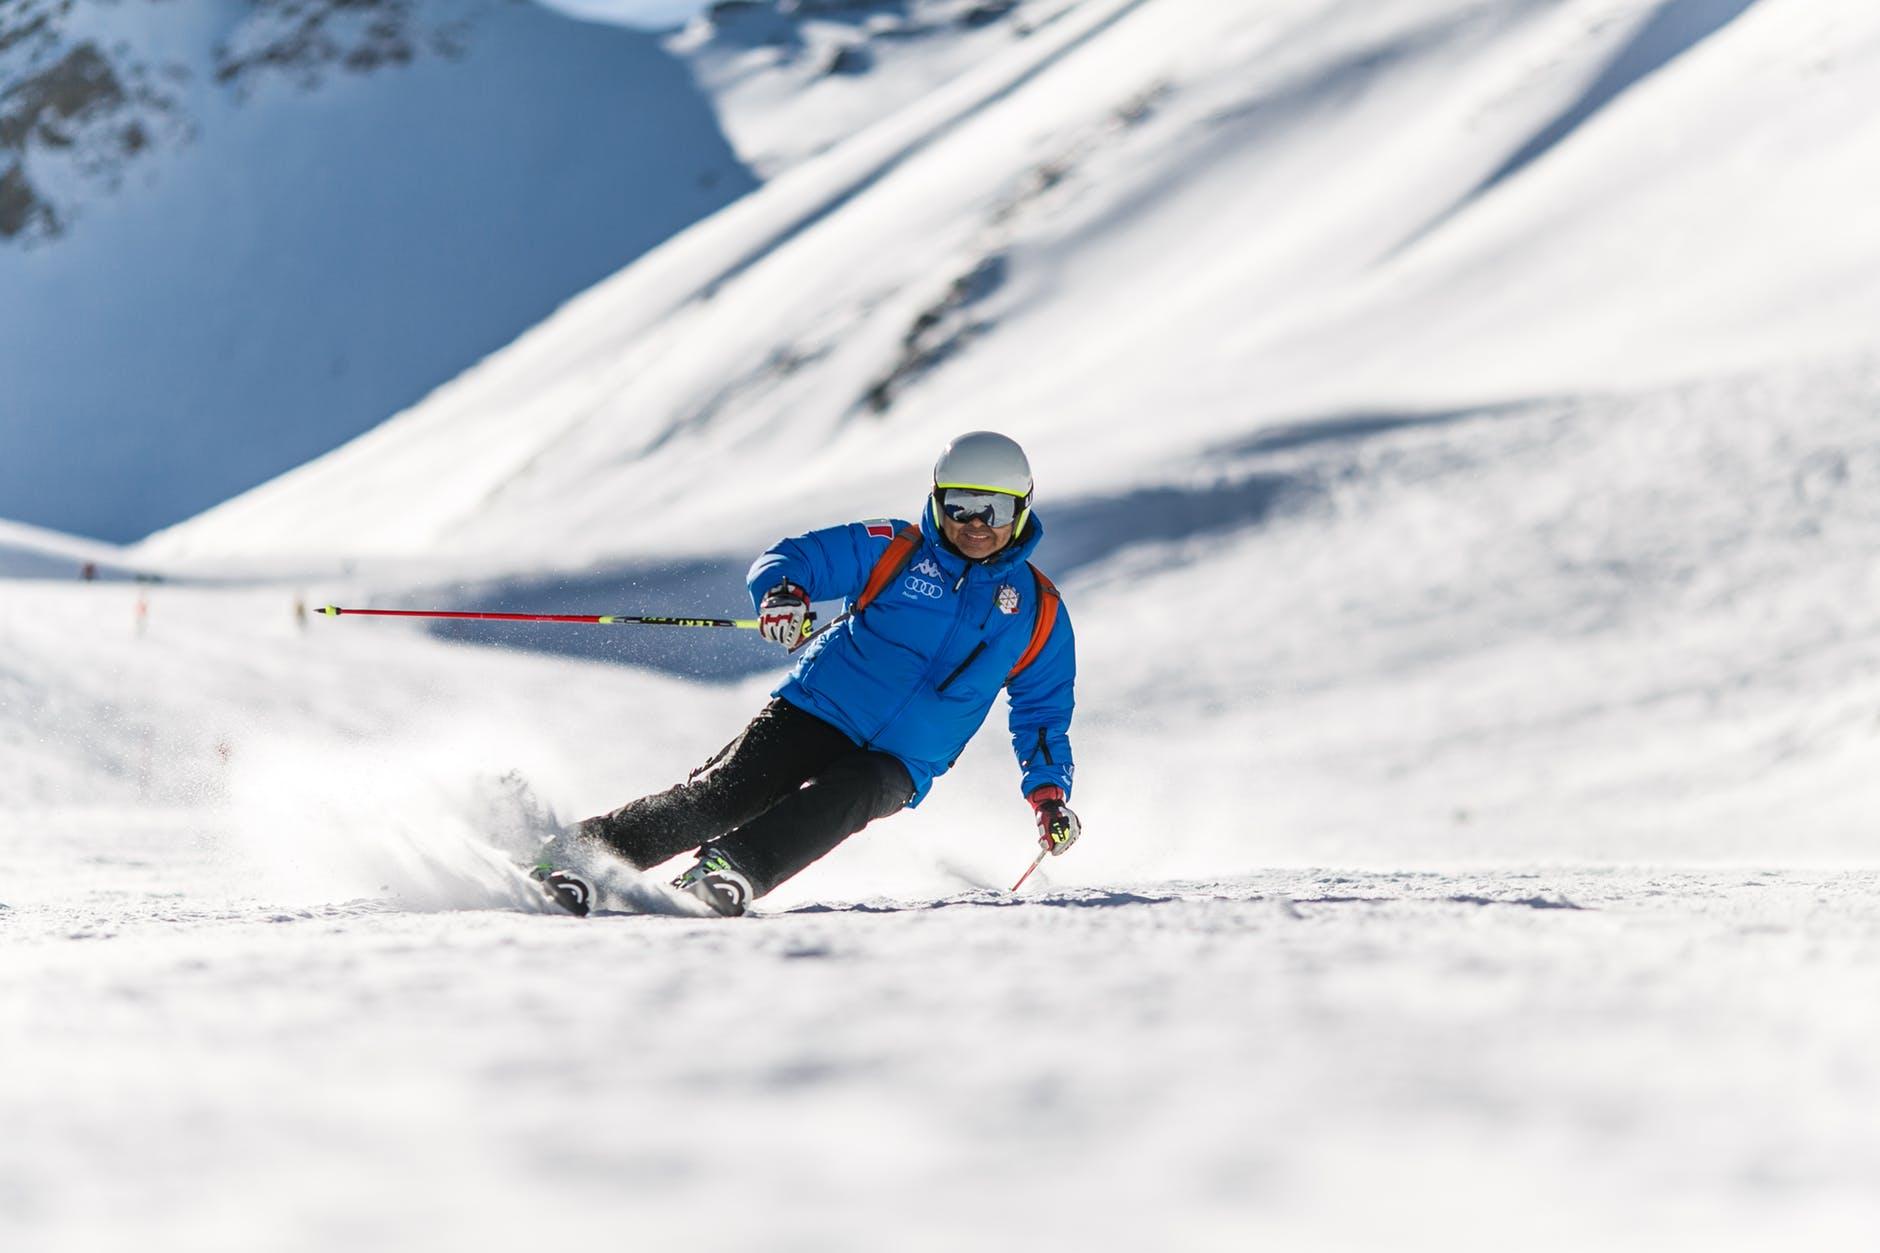 Bliv klar til skiferien med den rette skijakke